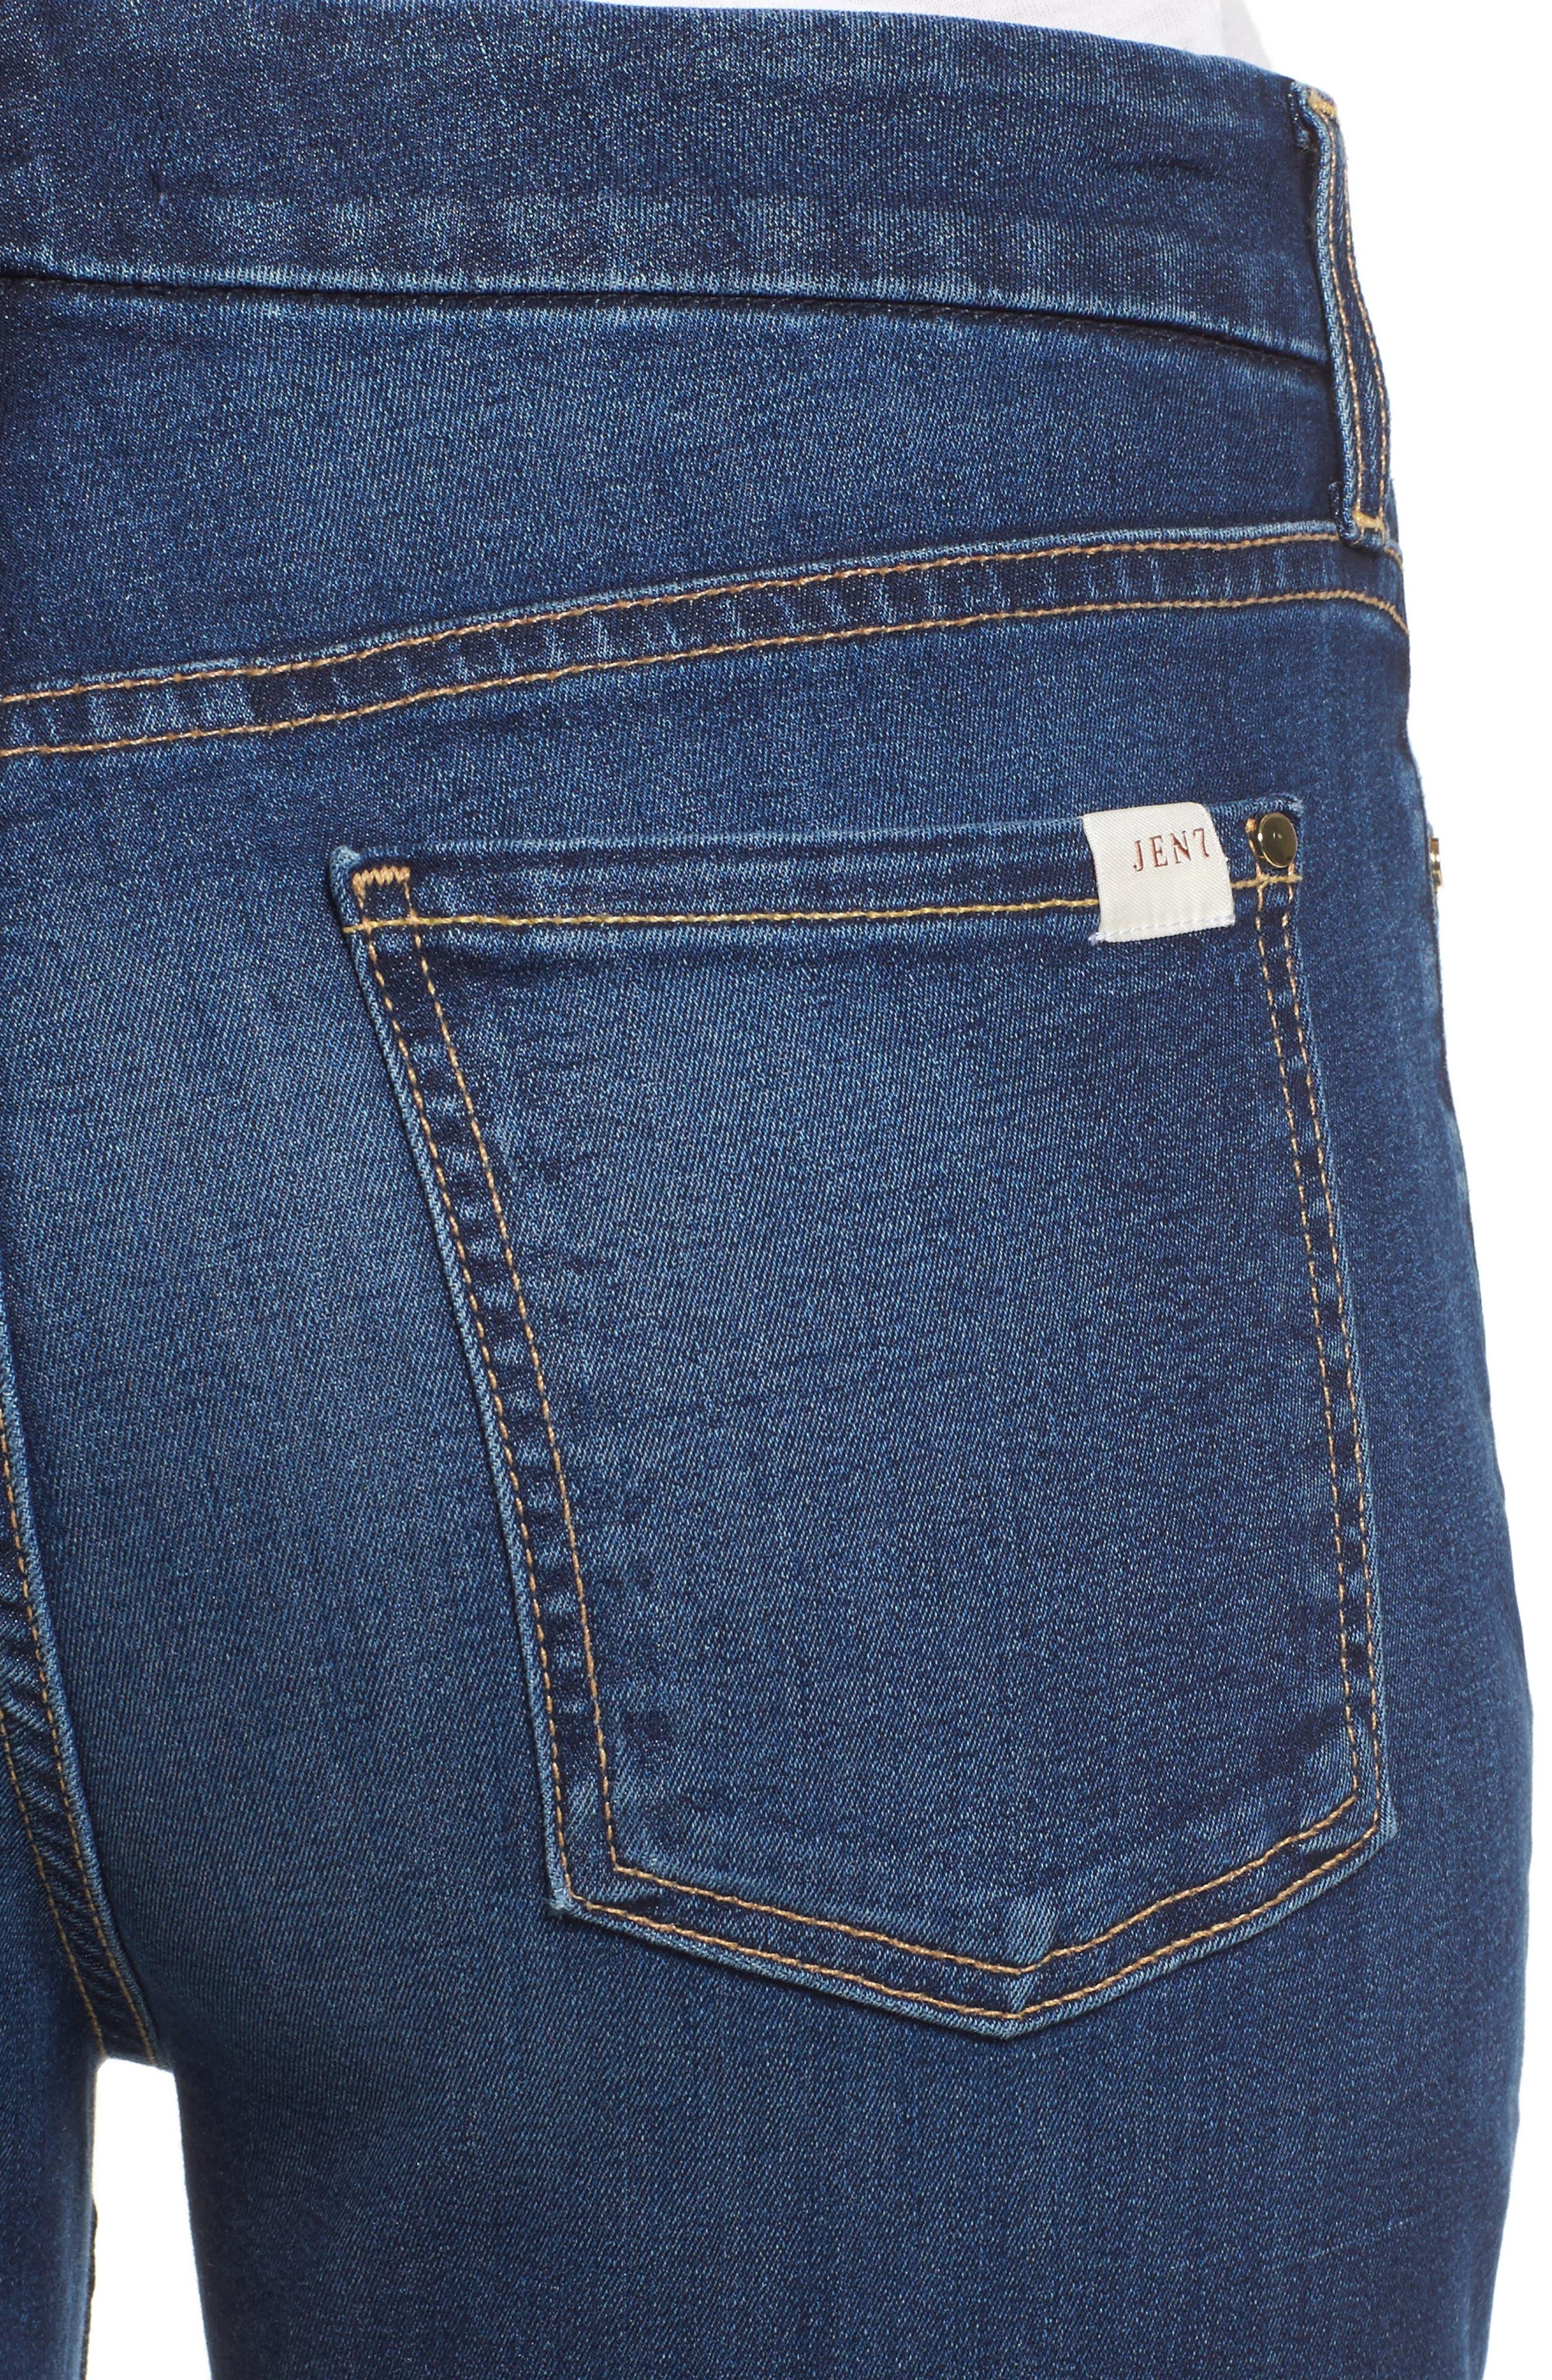 Slim Bootcut Jeans,                             Alternate thumbnail 4, color,                             Riche Touch Medium Blue